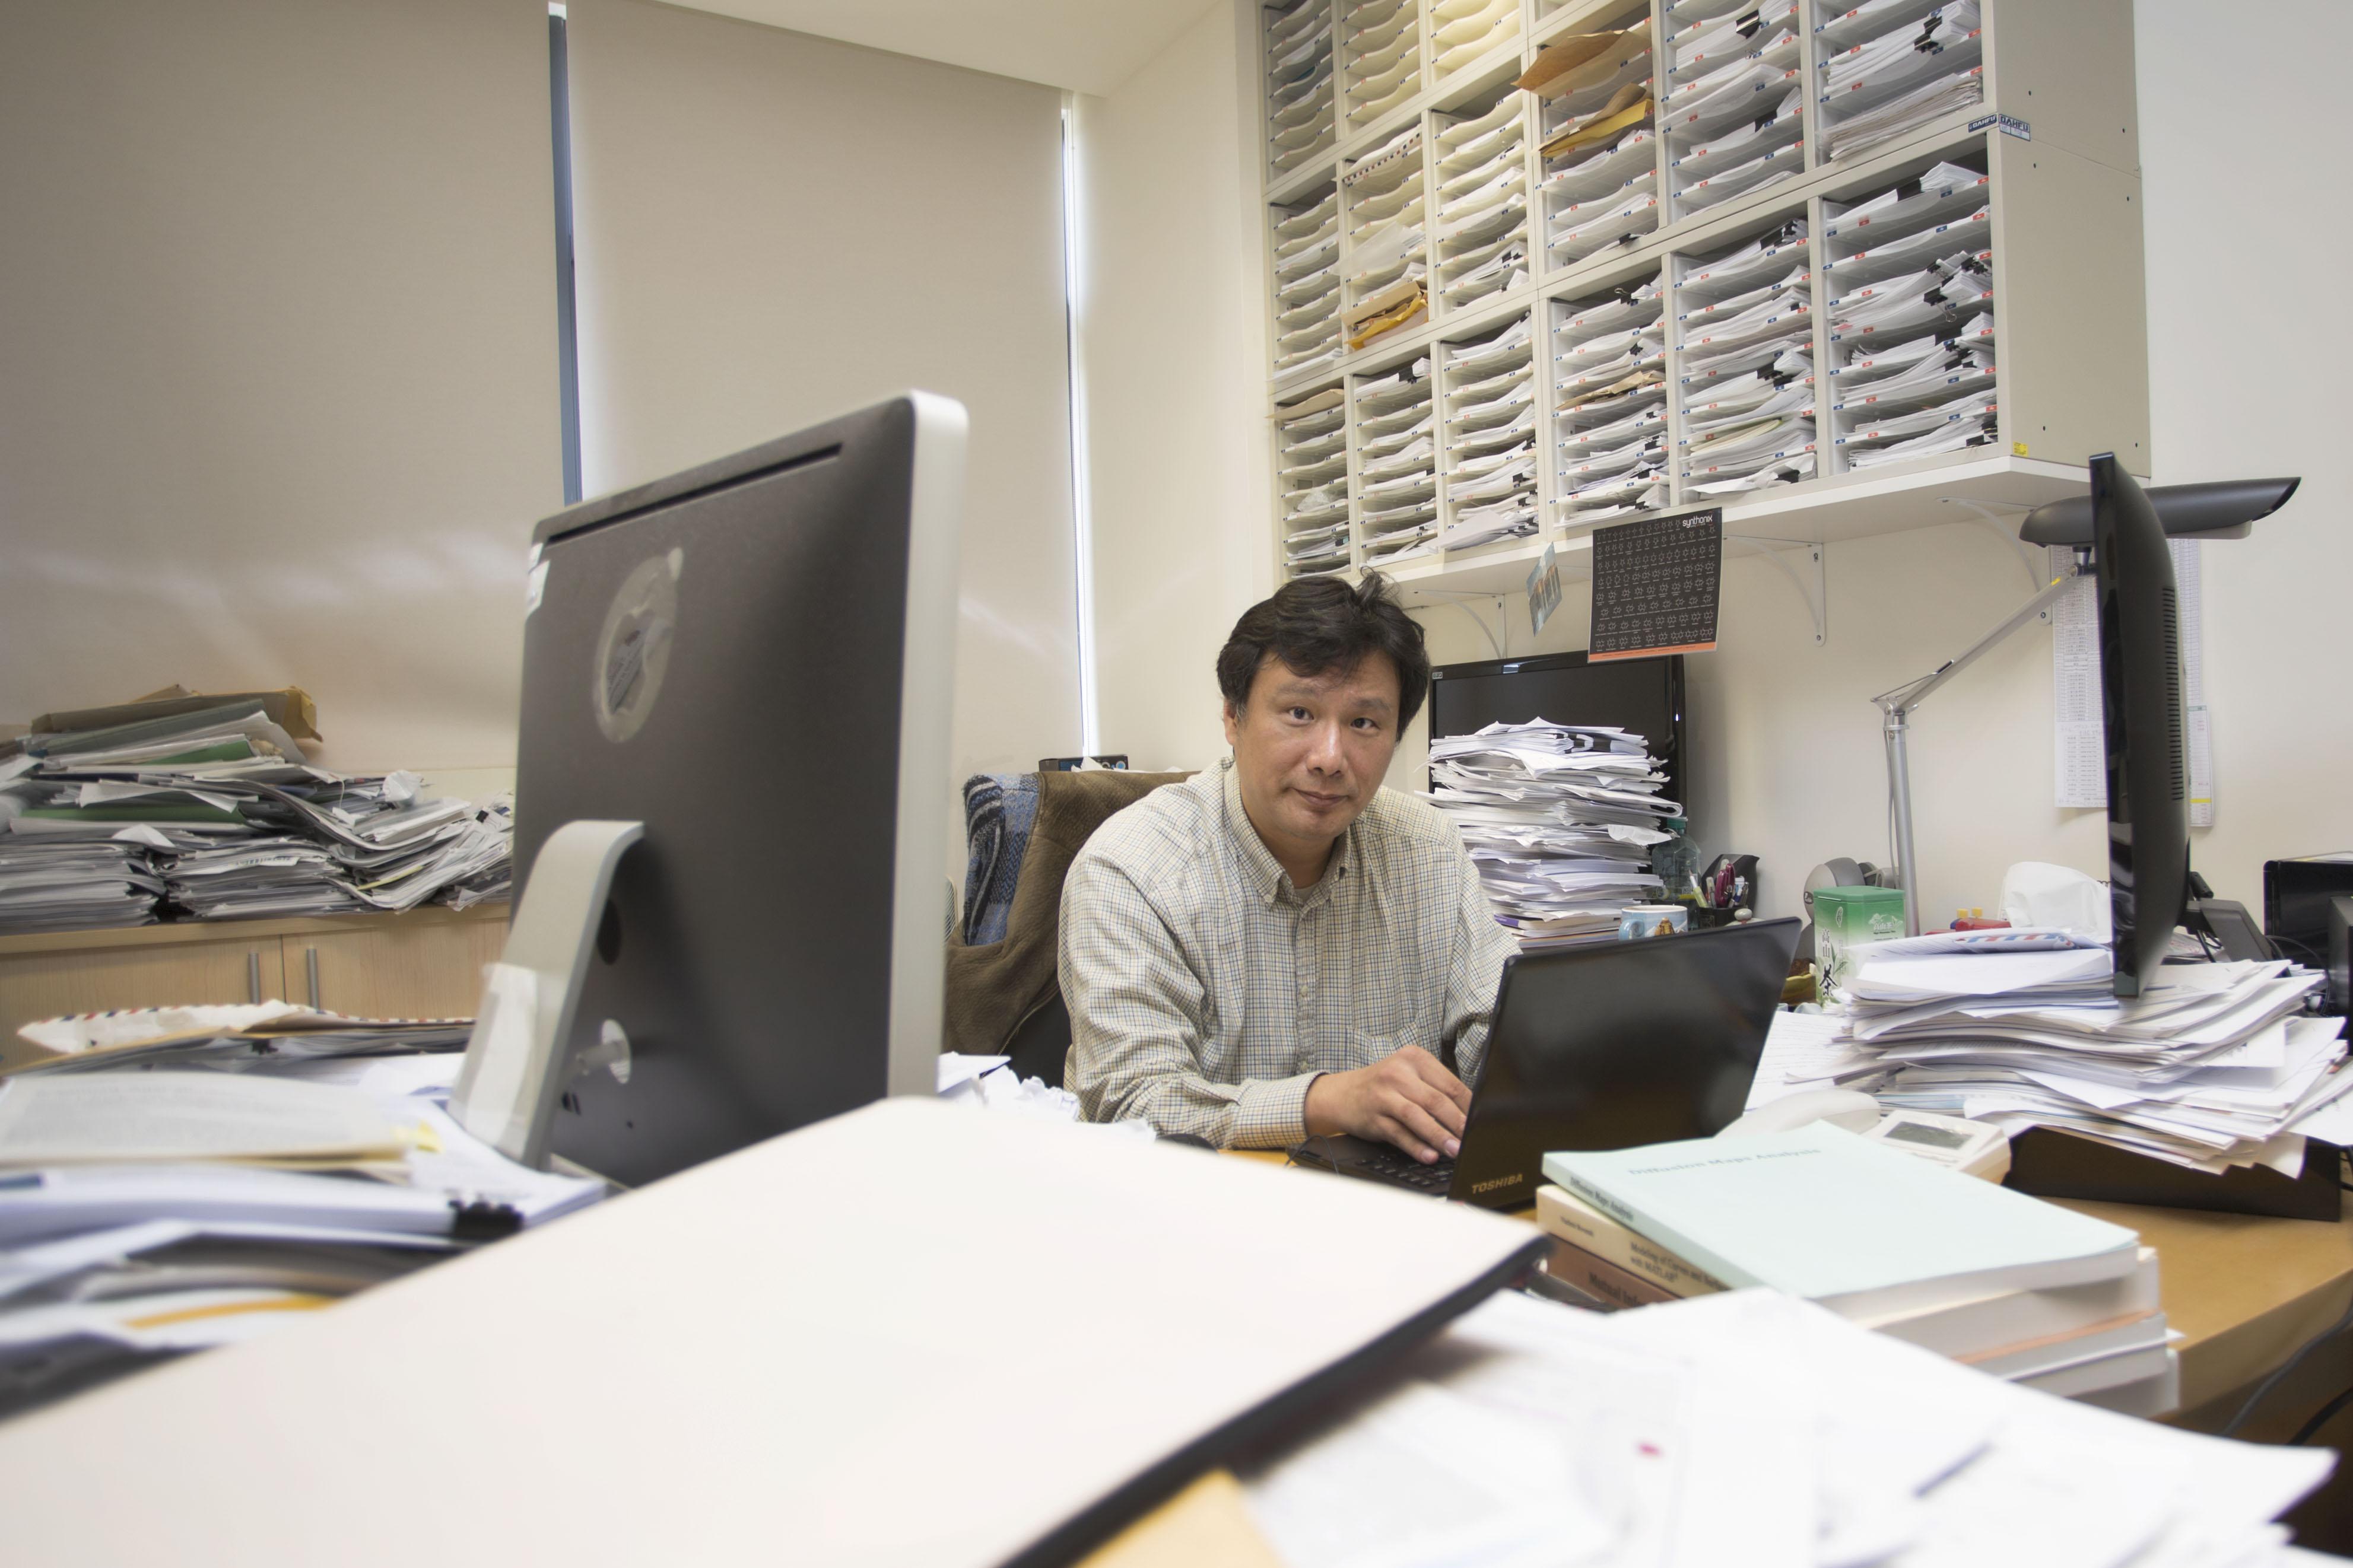 本文專訪林榮信,從物理出身,跨足計算機科學與分子動力學,現將專業運用於藥物設計。圖│研之有物